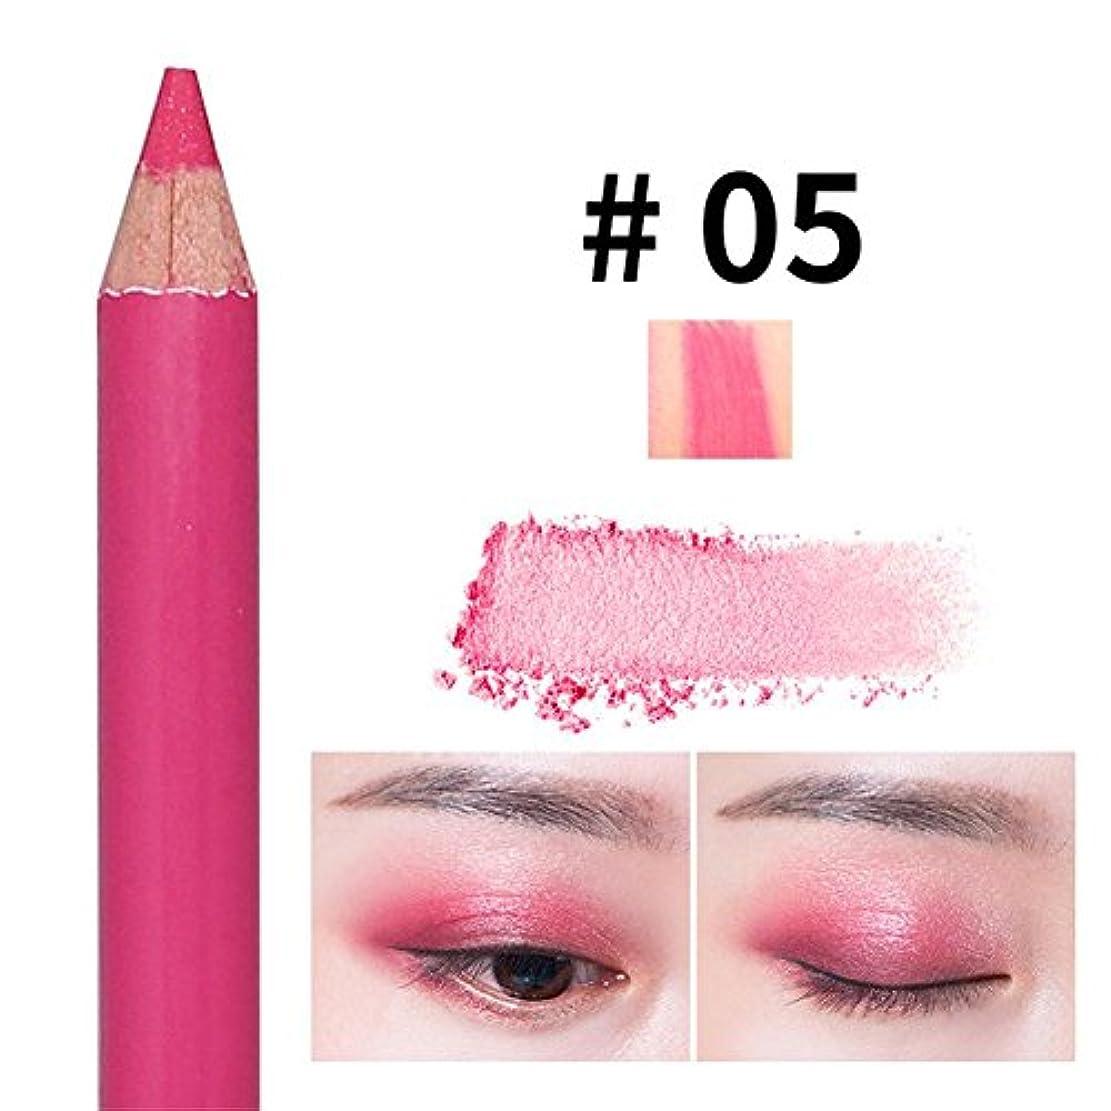 接続されたプロフィールせせらぎアイシャドウペン パールペン ハイライトペン ダブルヘッド 落ちにくい 簡単に色付け 長持ち メイクアップ おしゃれ 防水 ハローメイク メイクアップアイシャドウペン